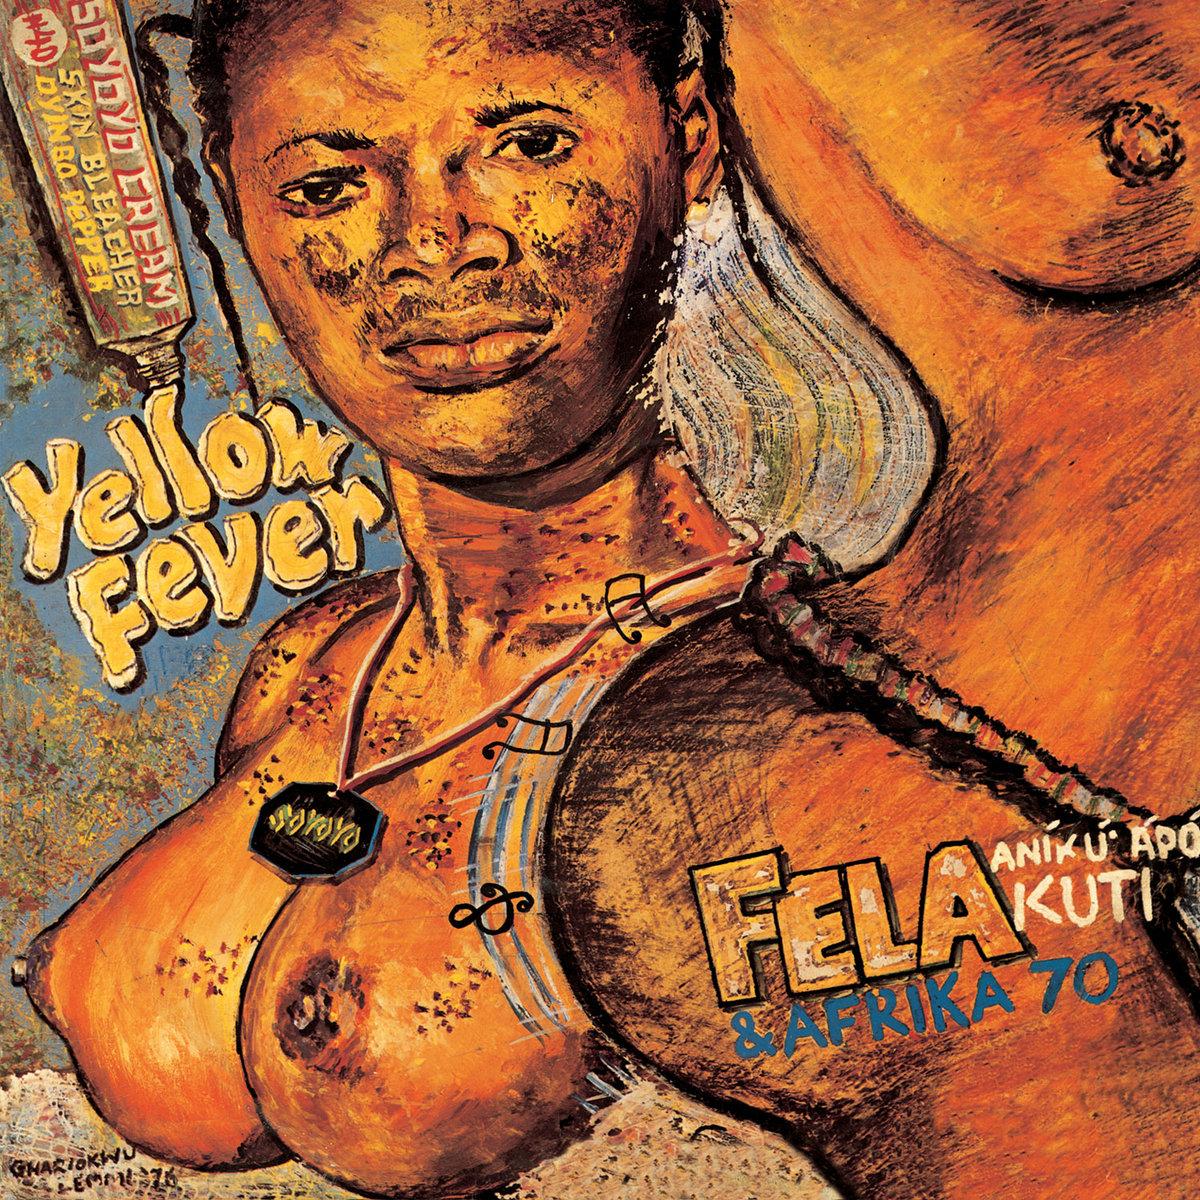 Fela Kuti – Yellow Fever mp3 download